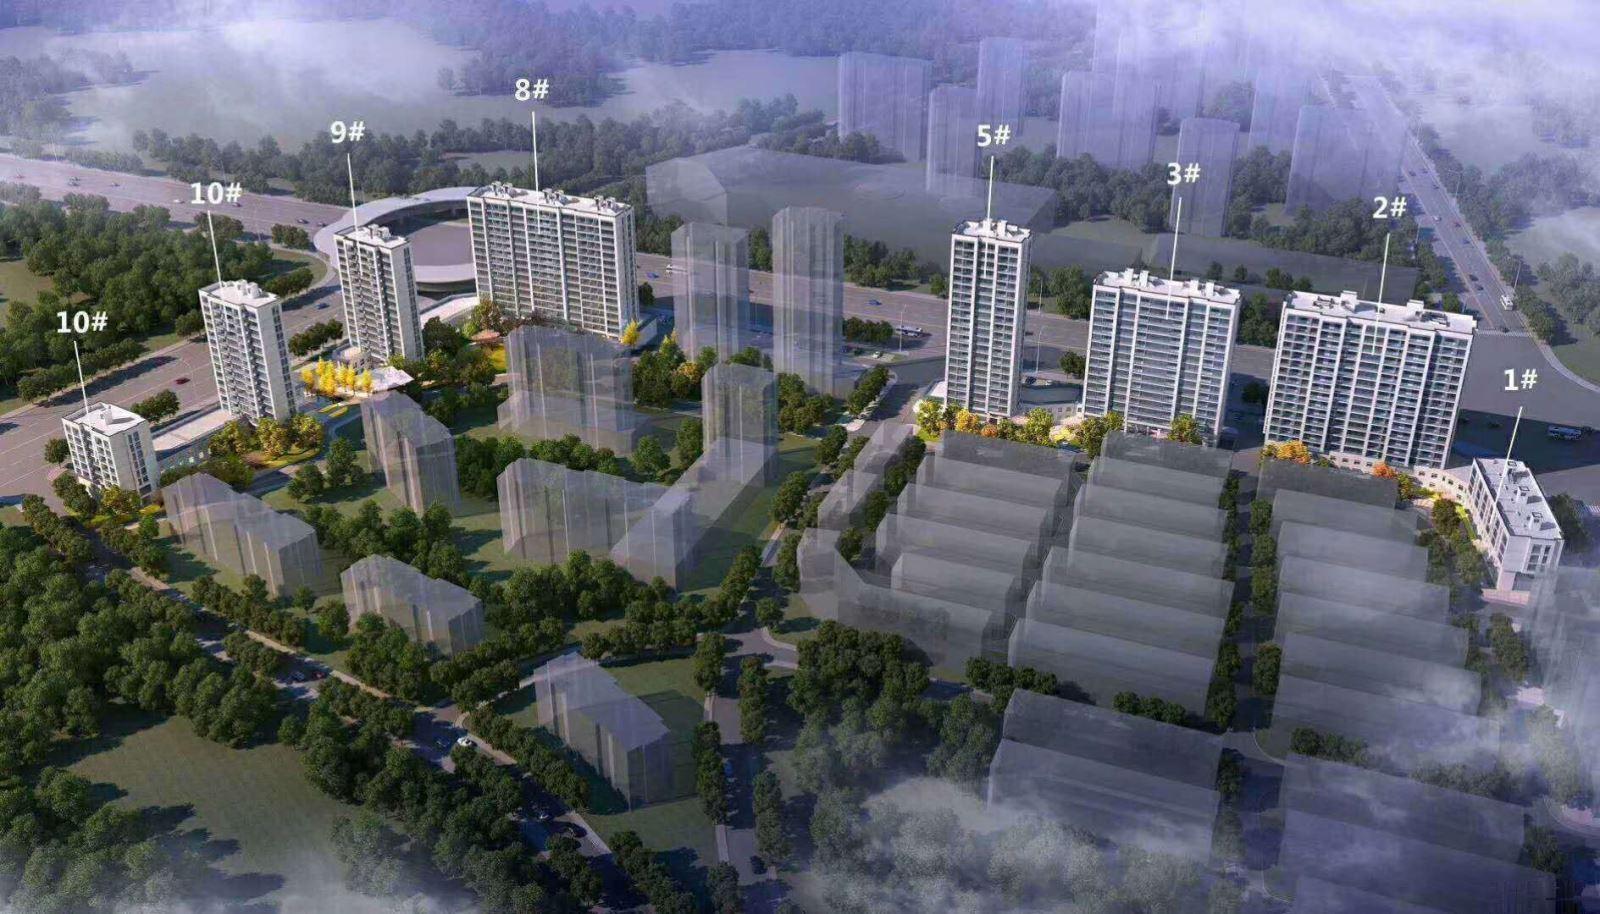 万固融城 紧邻双江湖项目 全新新房首付三成仅需1.3静待上涨